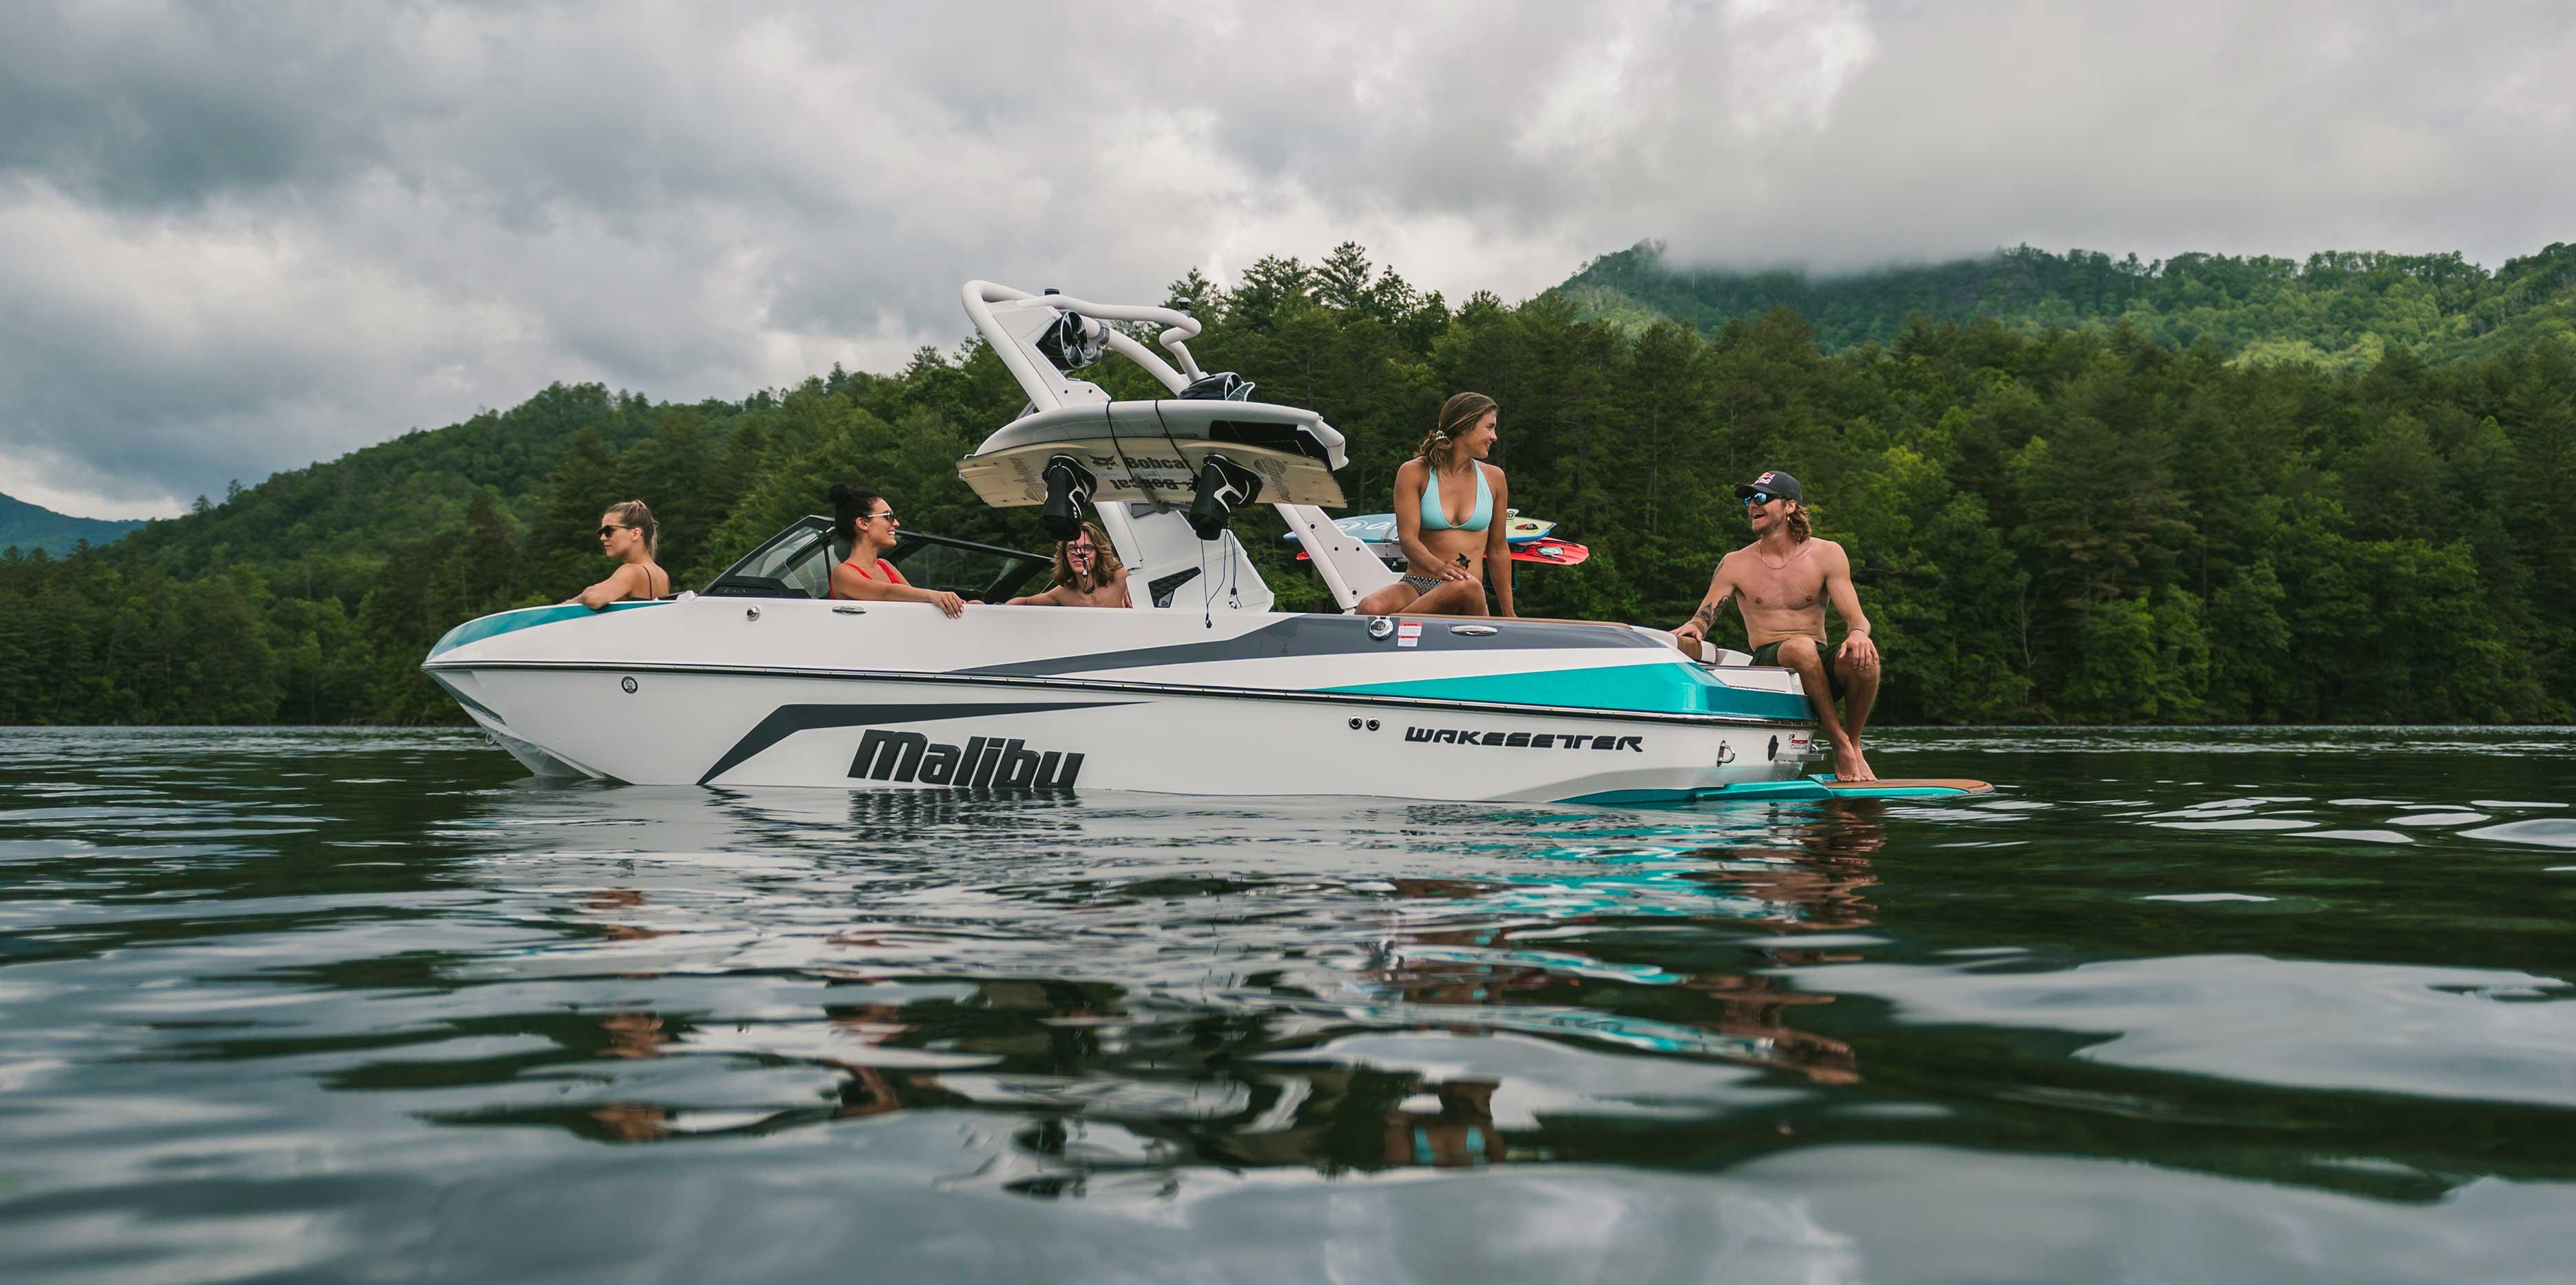 2021 Malibu Boats Wakesetter 21 VLX boat